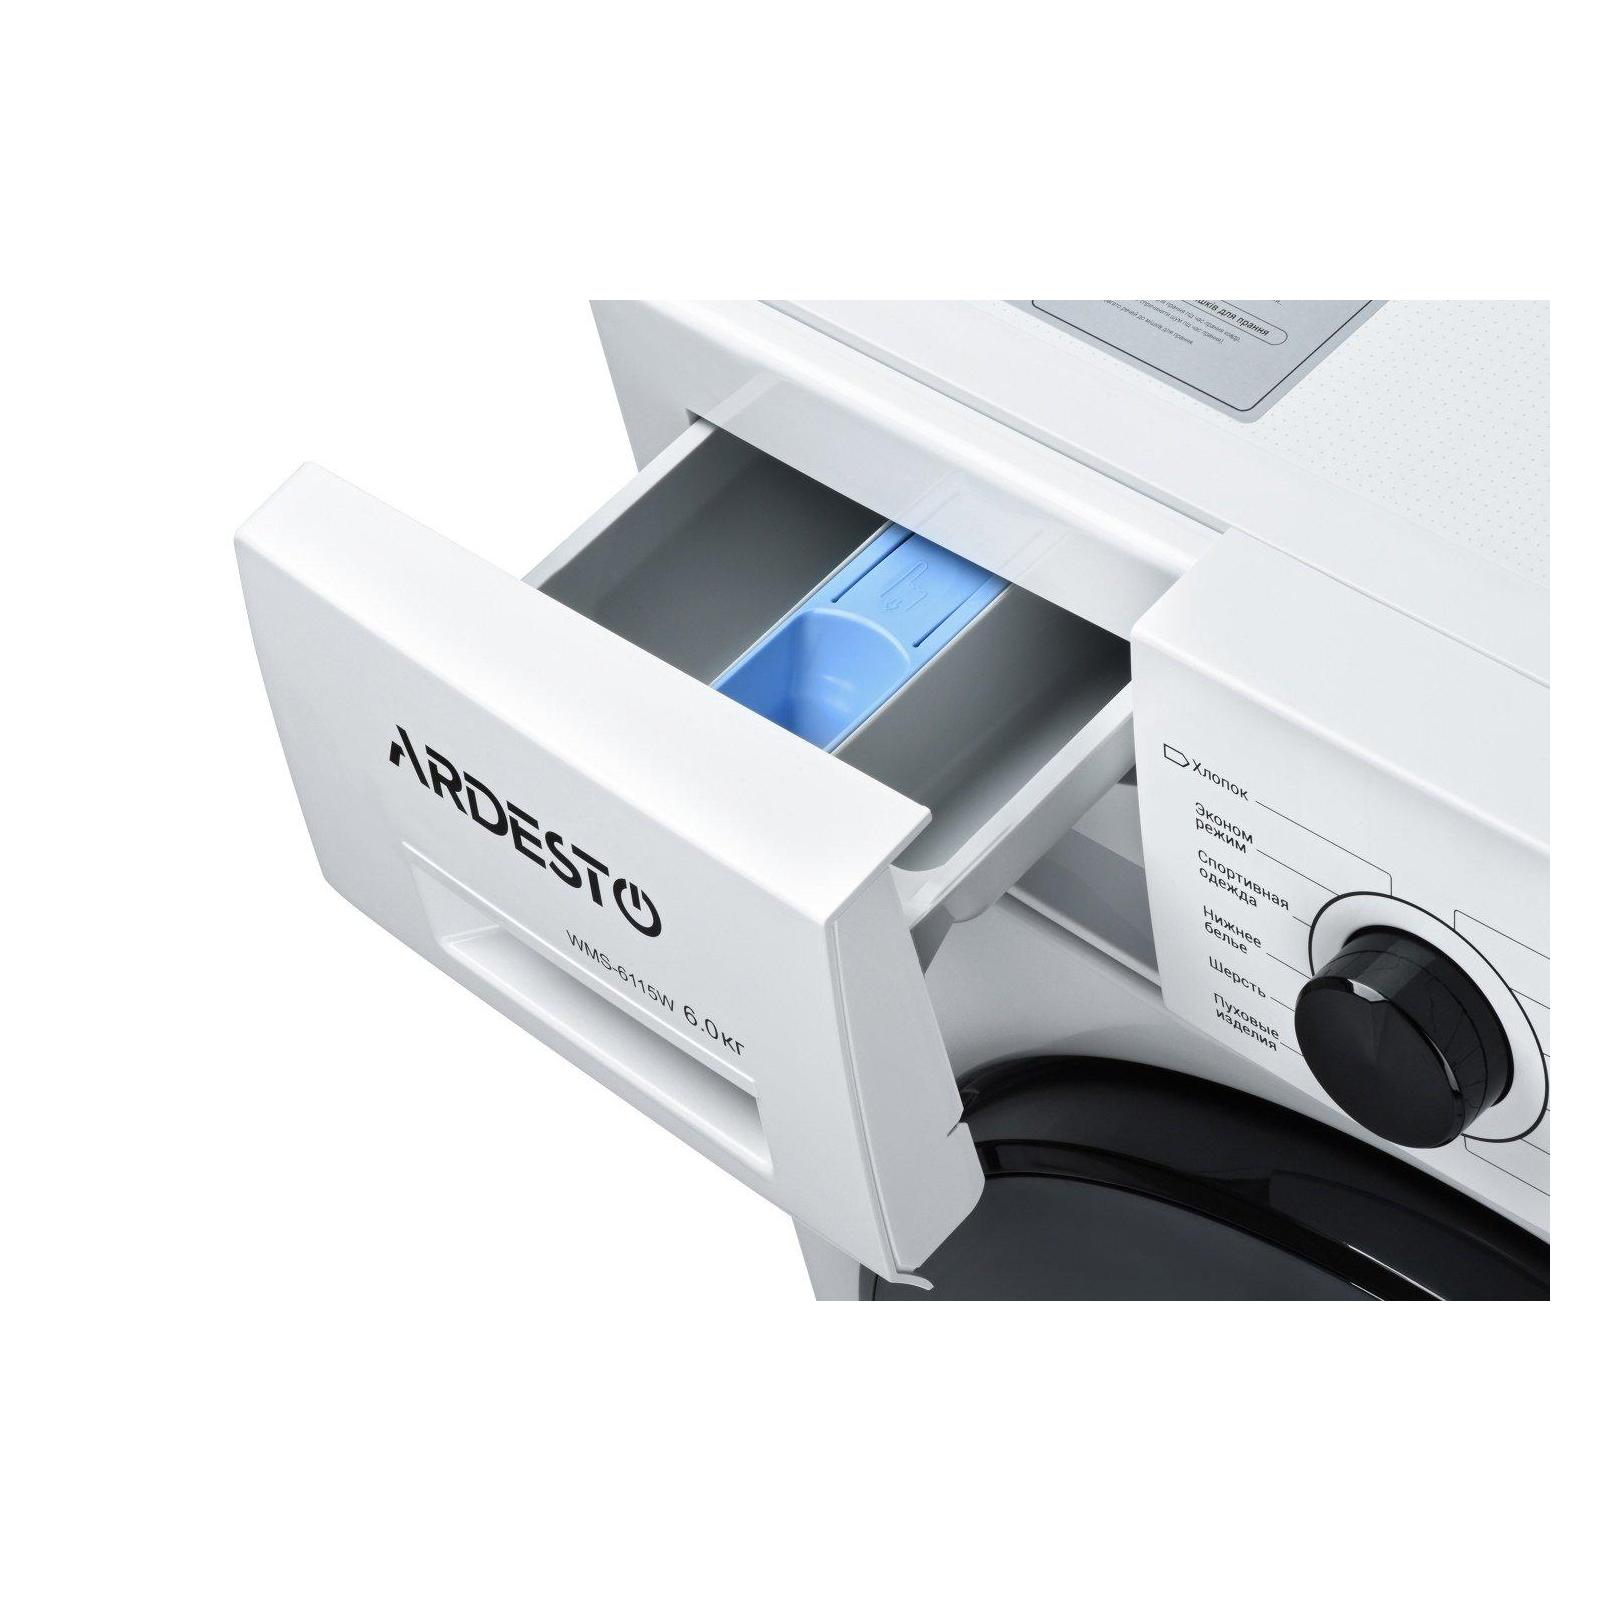 Стиральная машина Ardesto WMS-6115W изображение 4